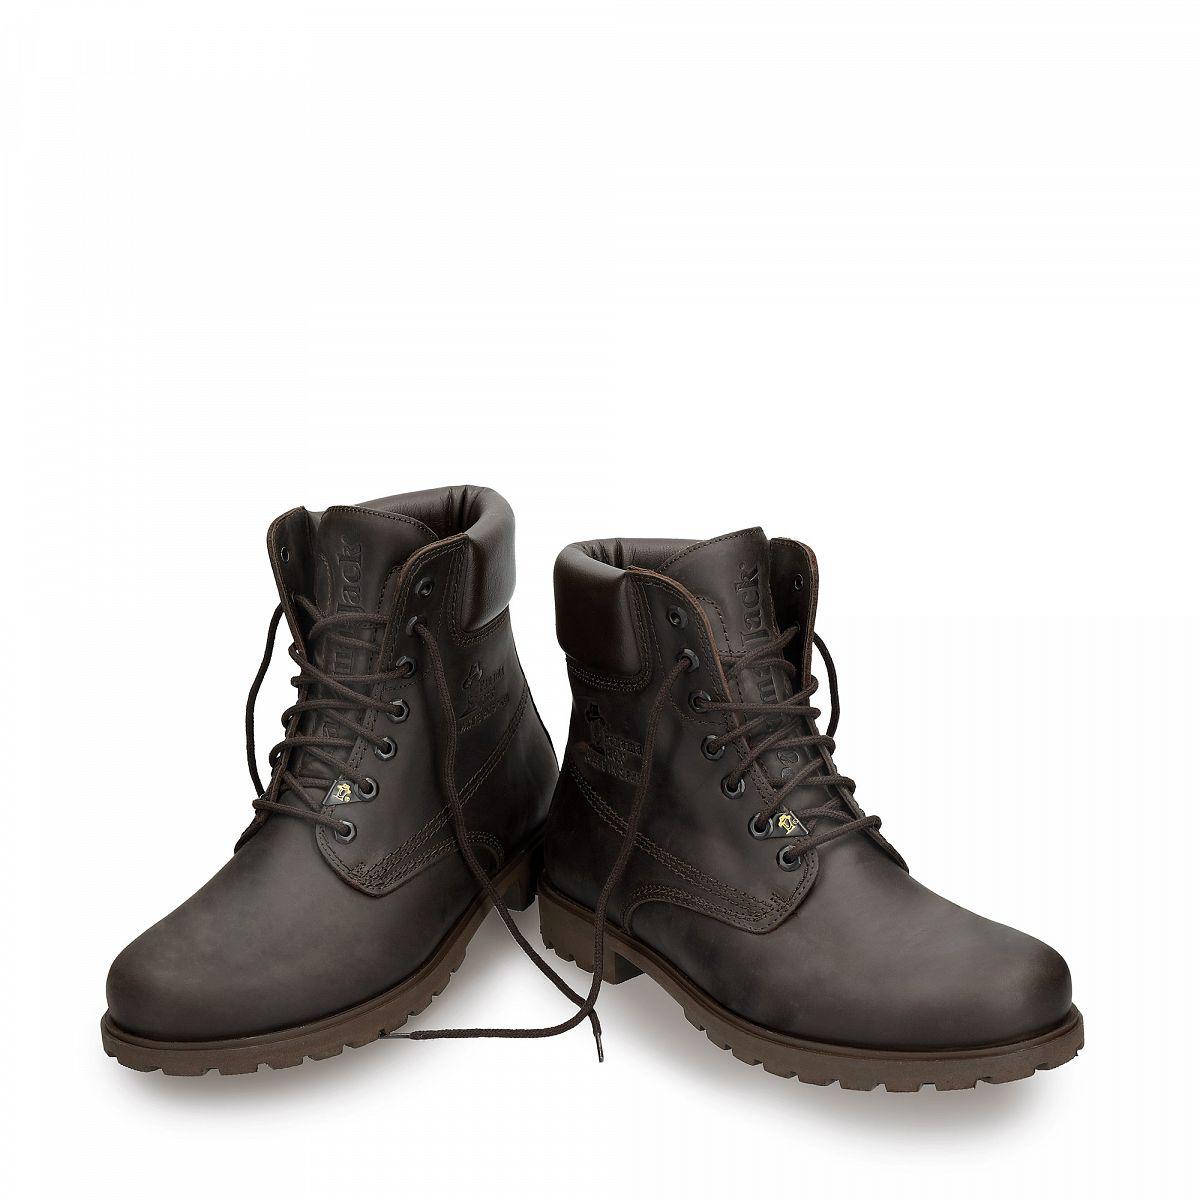 c0372697705 Men s boot PANAMA 03 brown